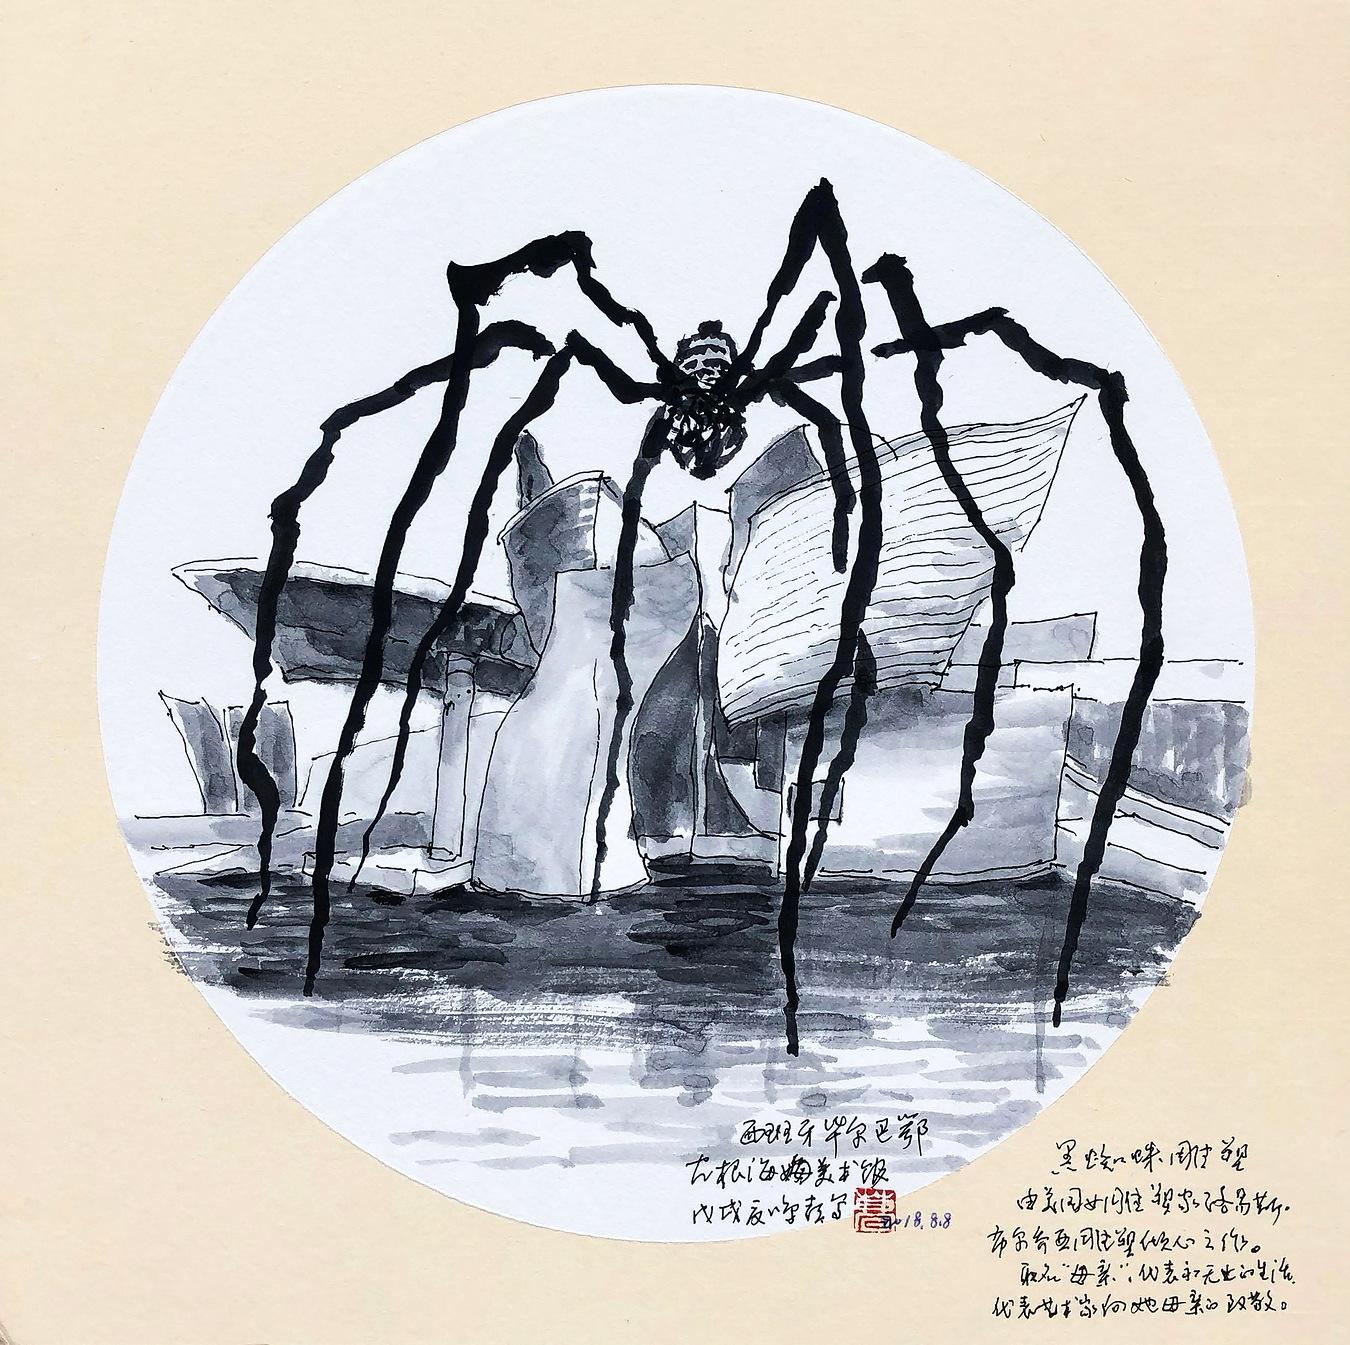 《西班牙·毕尔巴鄂·古根海姆美术馆》33×33cm 纸本水墨 团扇 写意欧洲风情 2018年08月08日